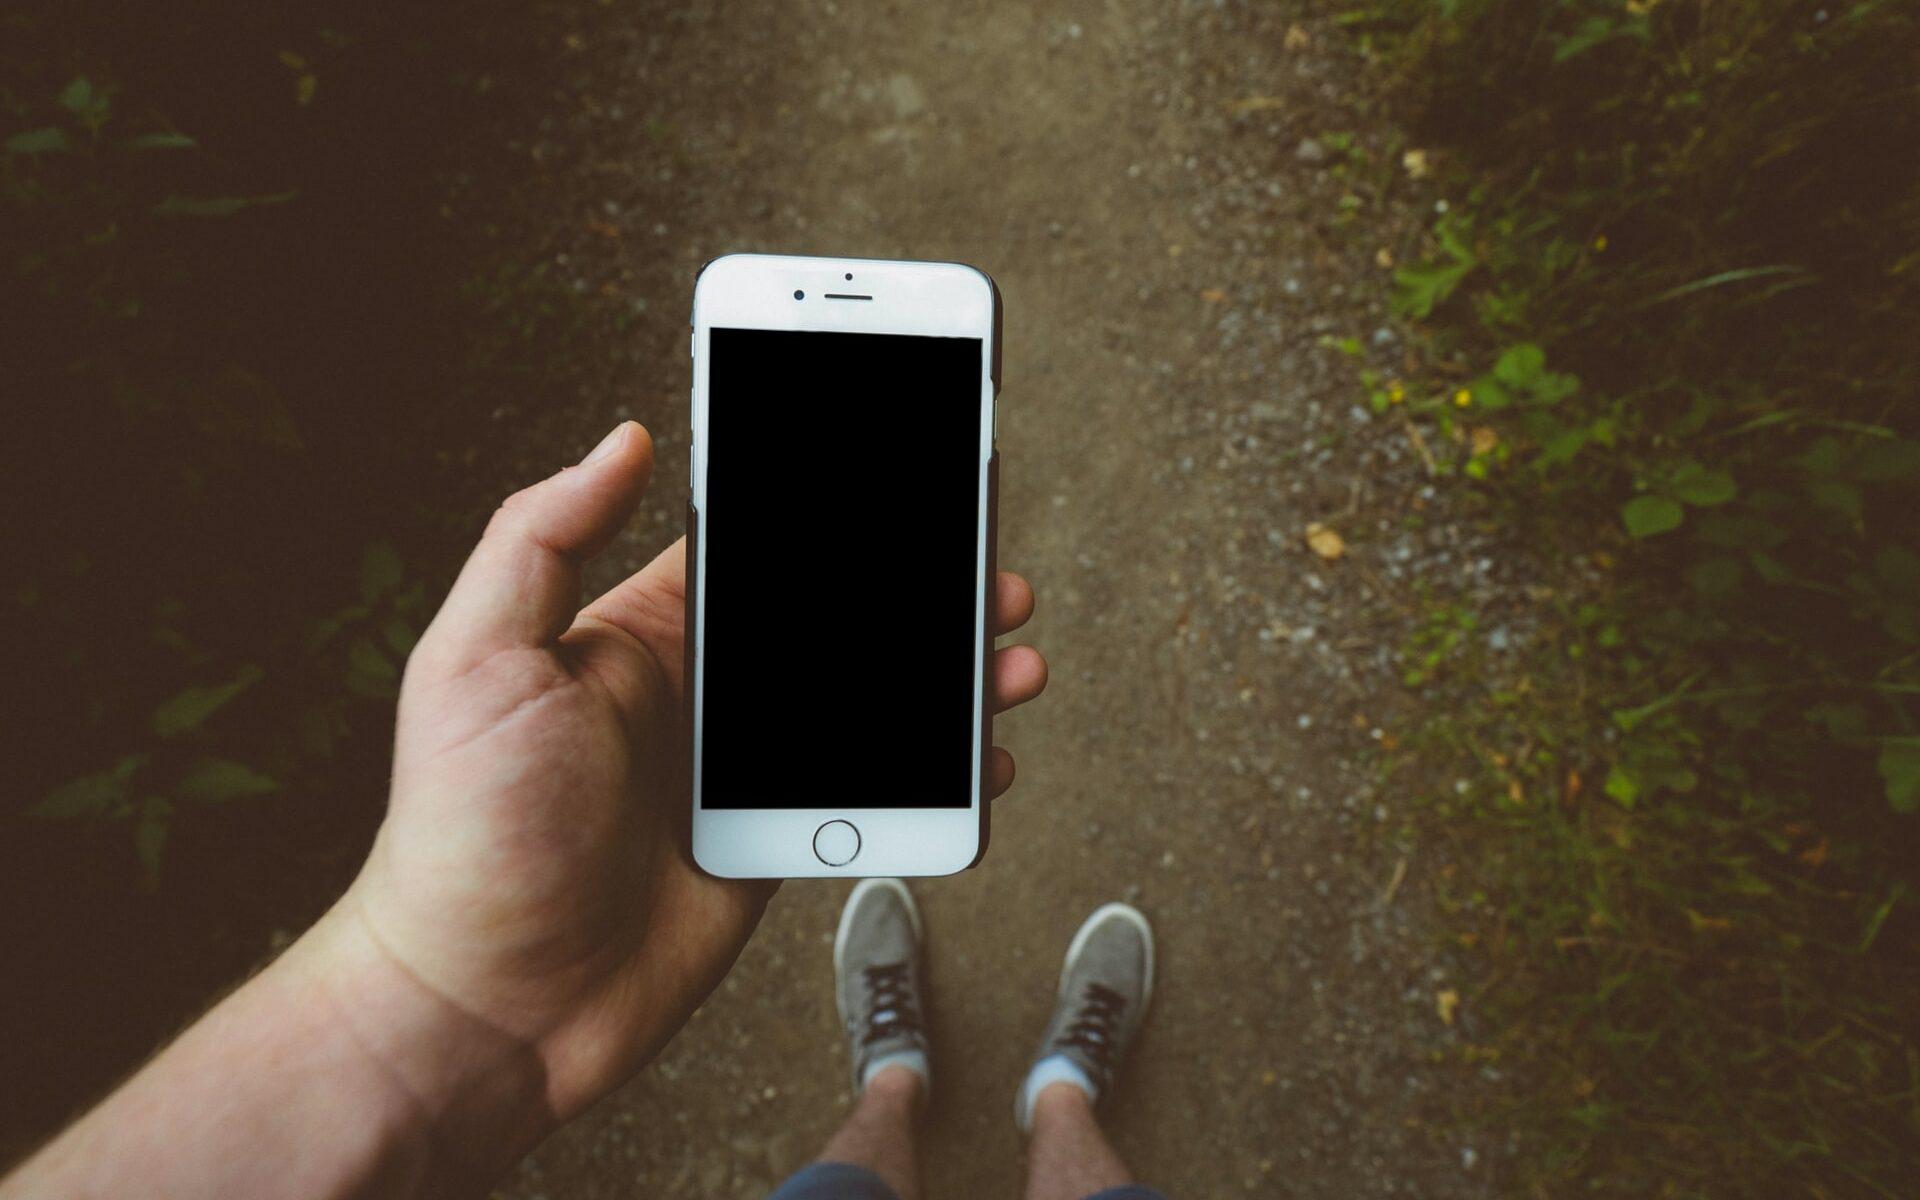 Ihminen puhelin kädessä lenkkipolulla